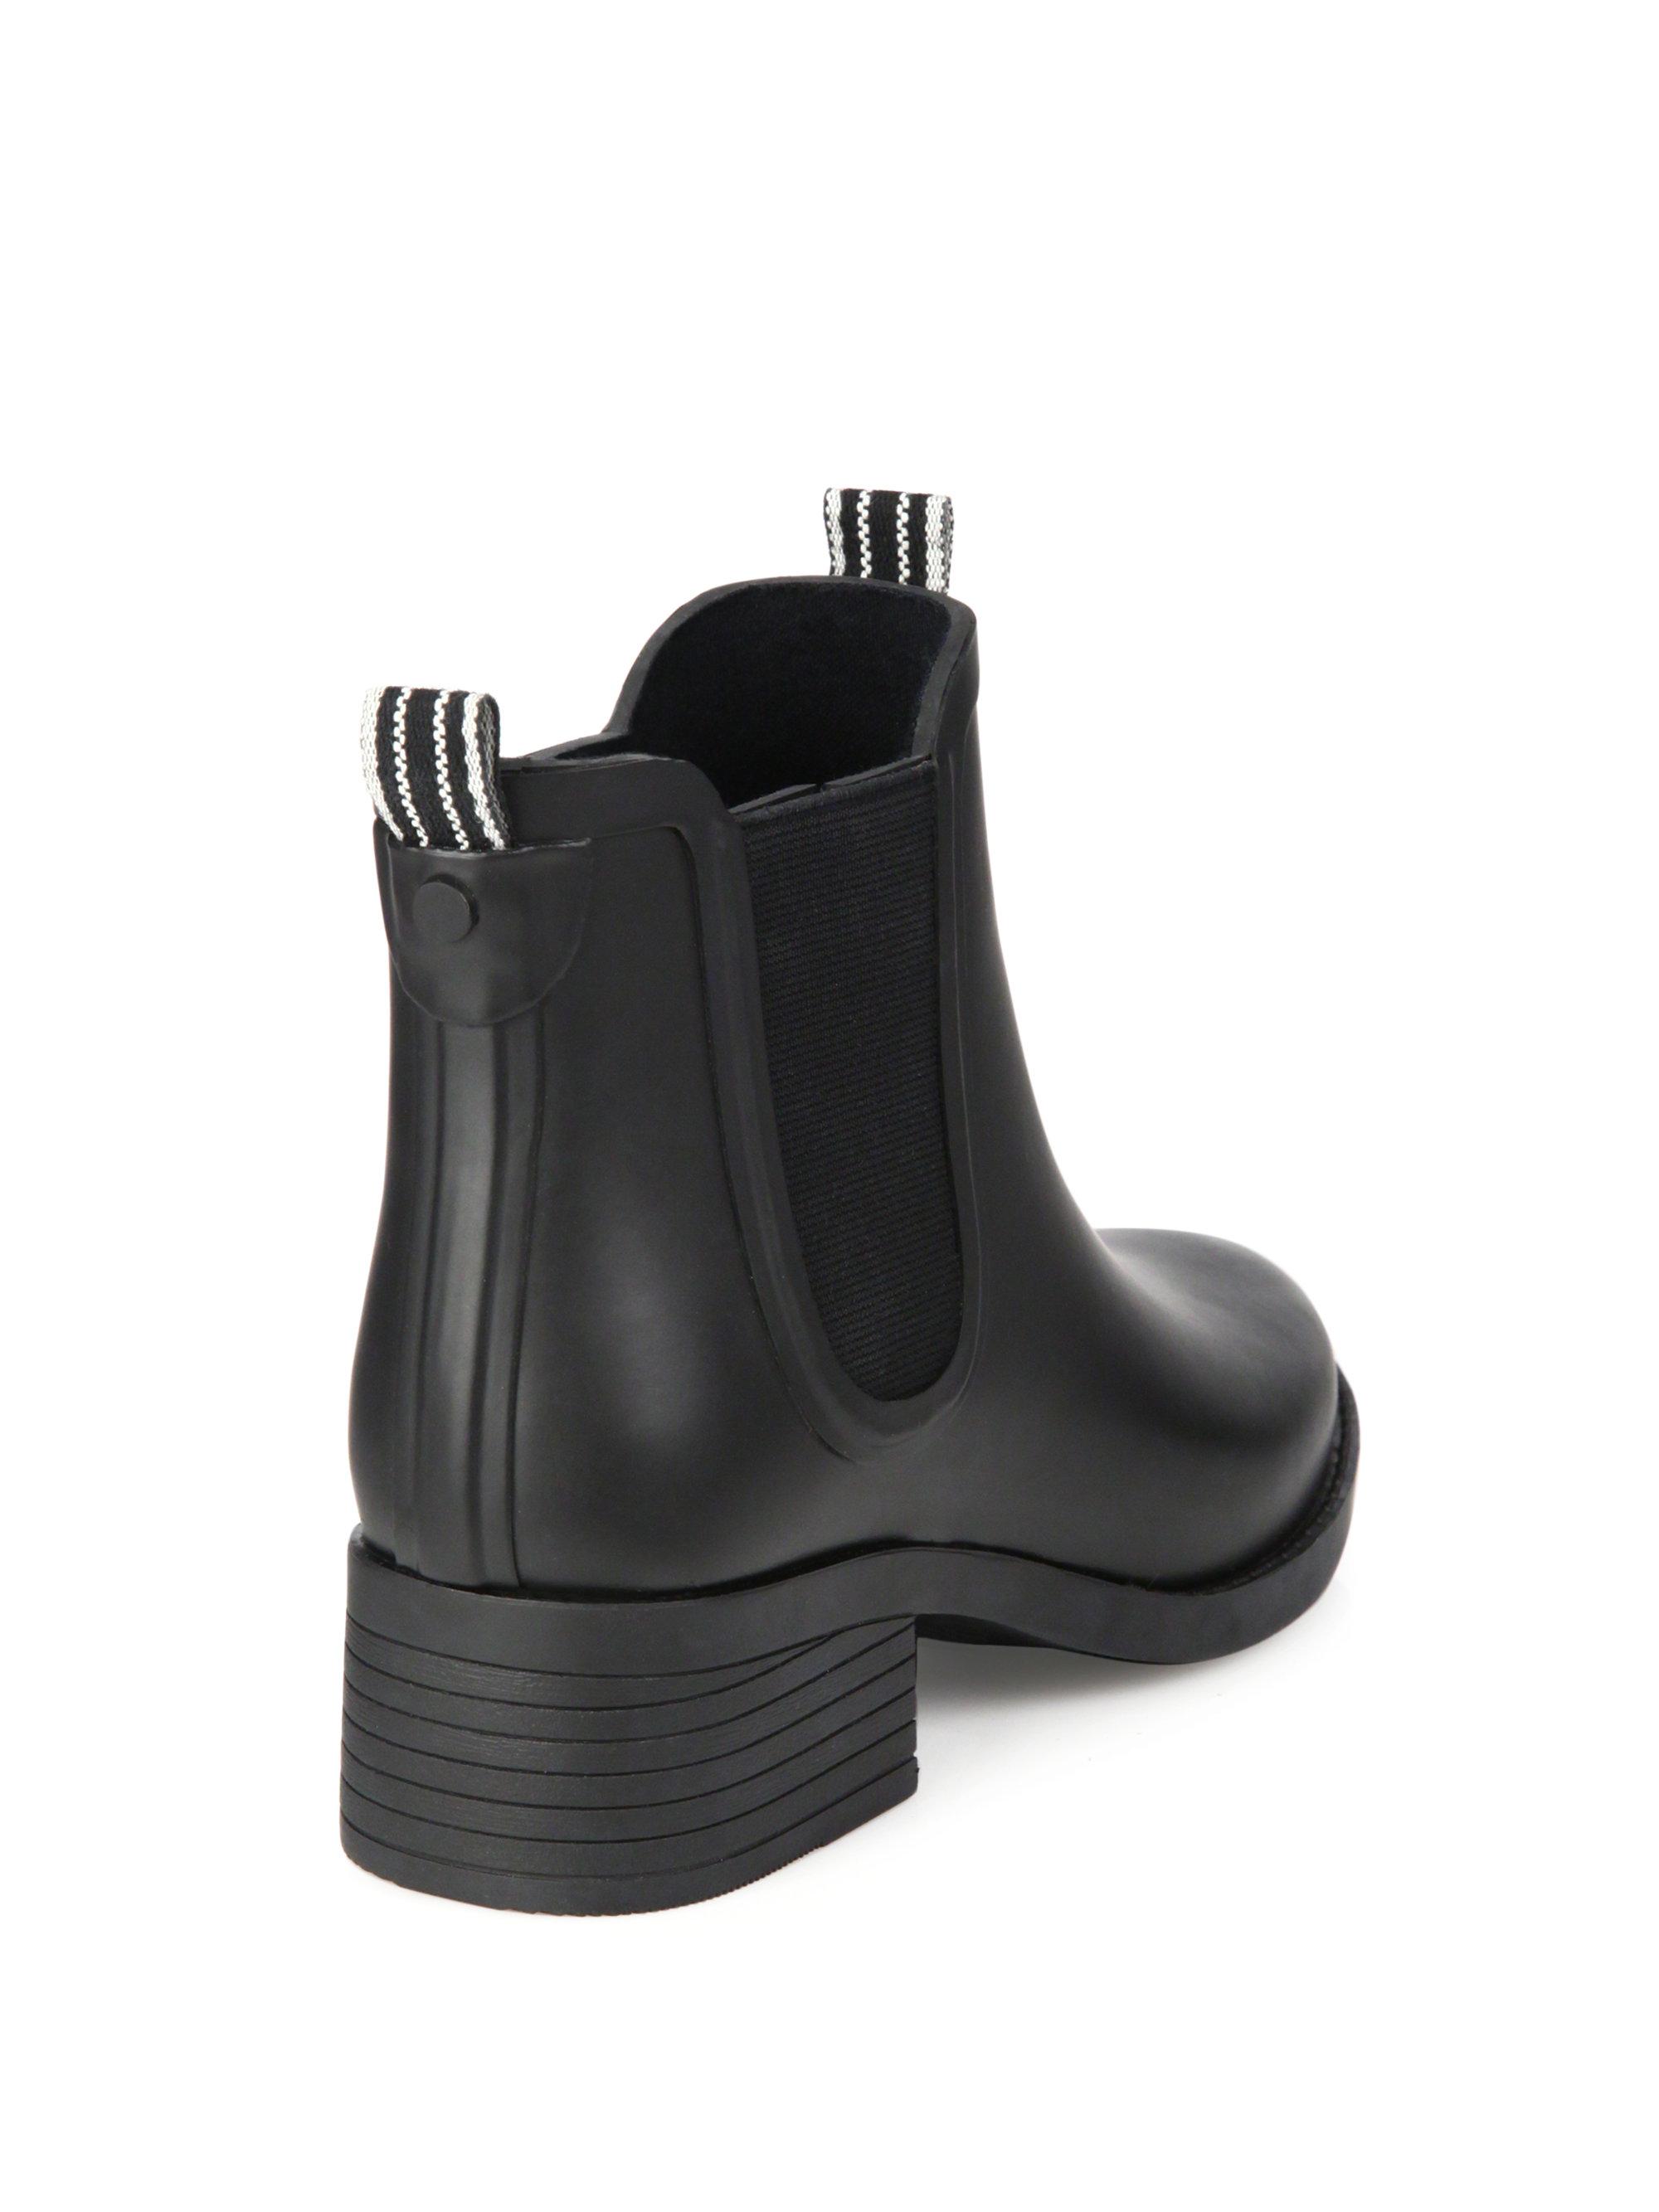 3e6fb652e454 Lyst - Tory Burch Classic Rain Bootie in Black